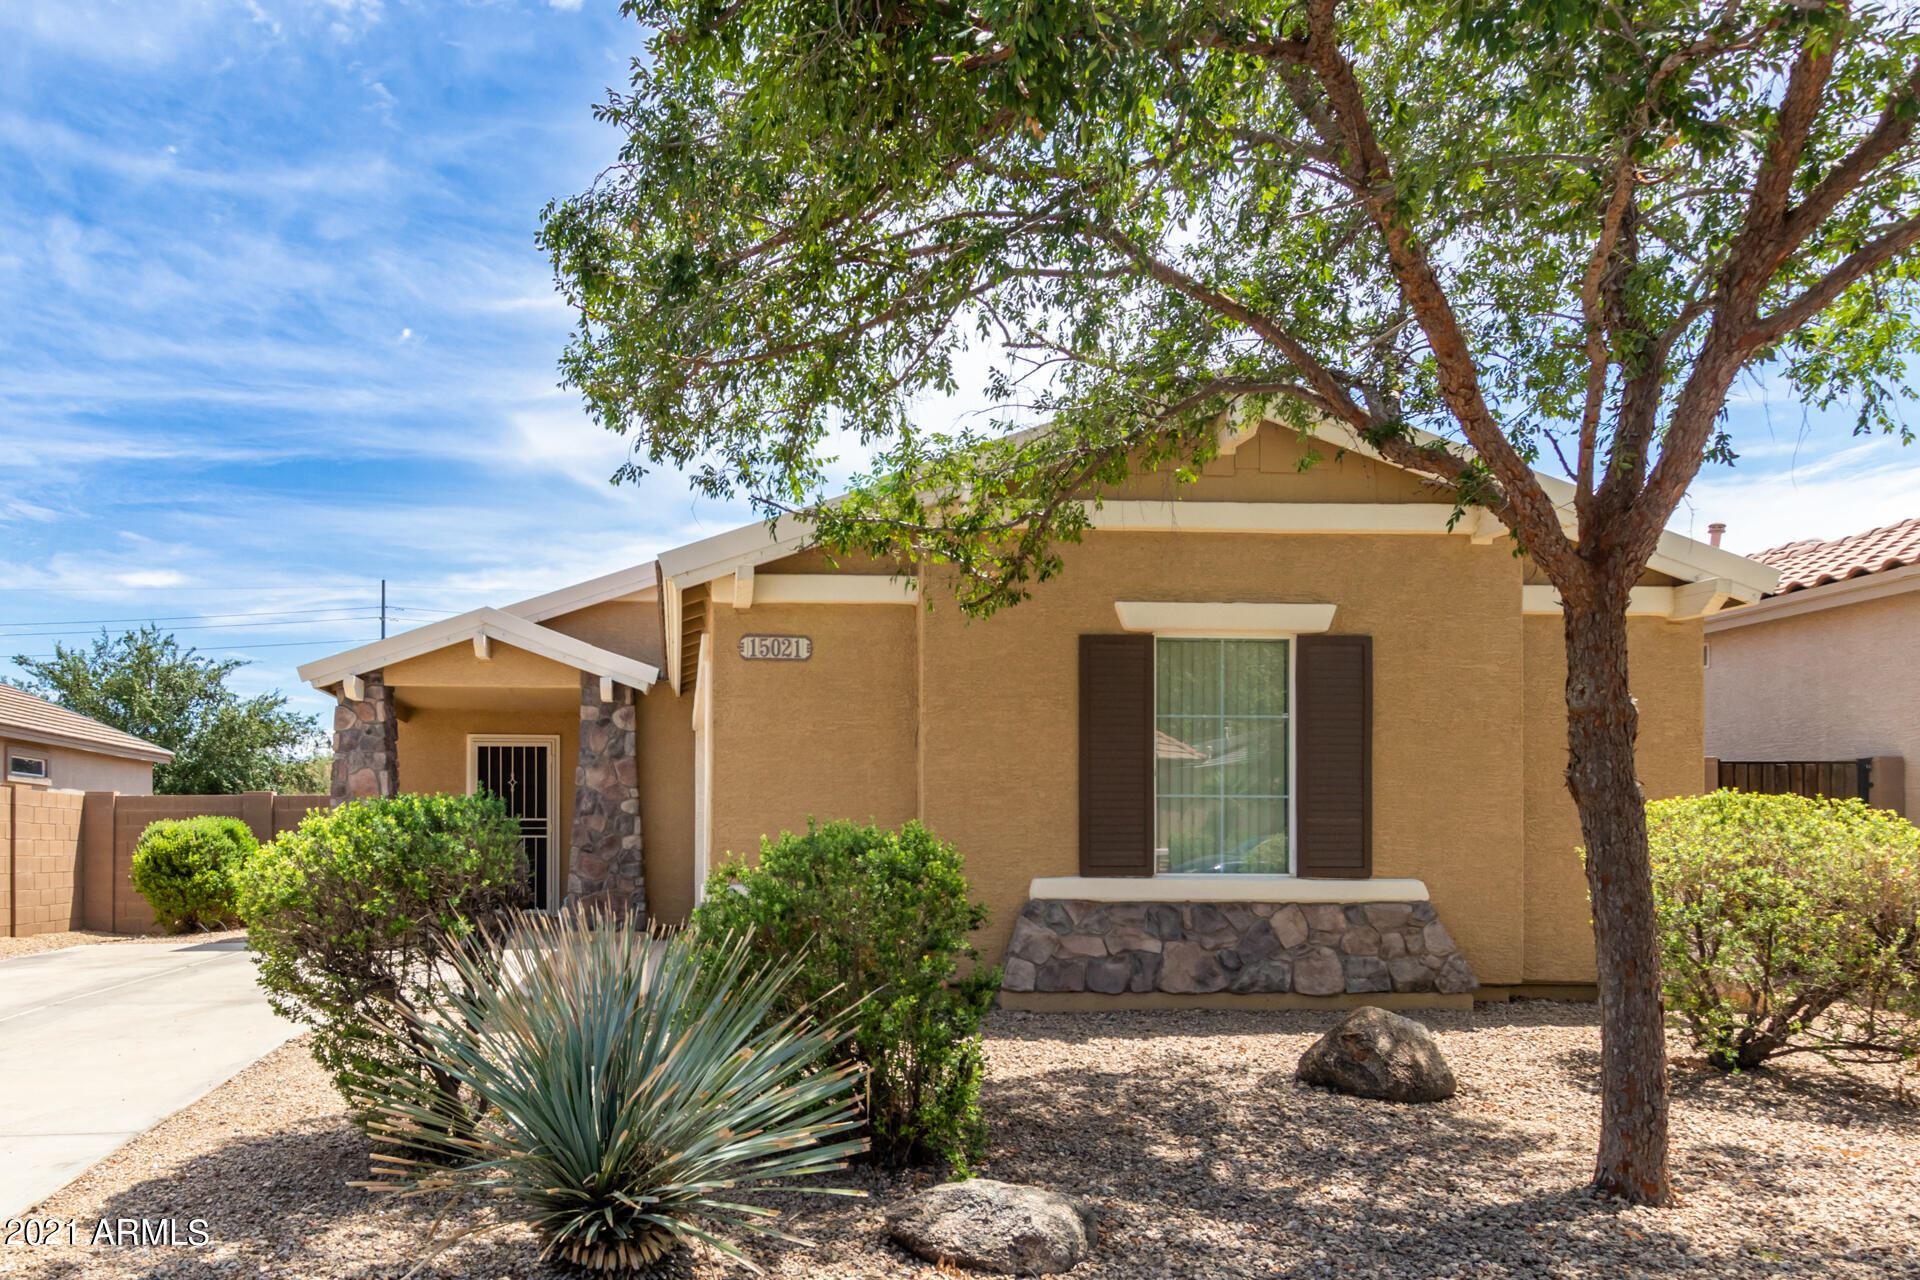 Photo of 15021 W WETHERSFIELD Road, Surprise, AZ 85379 (MLS # 6271976)